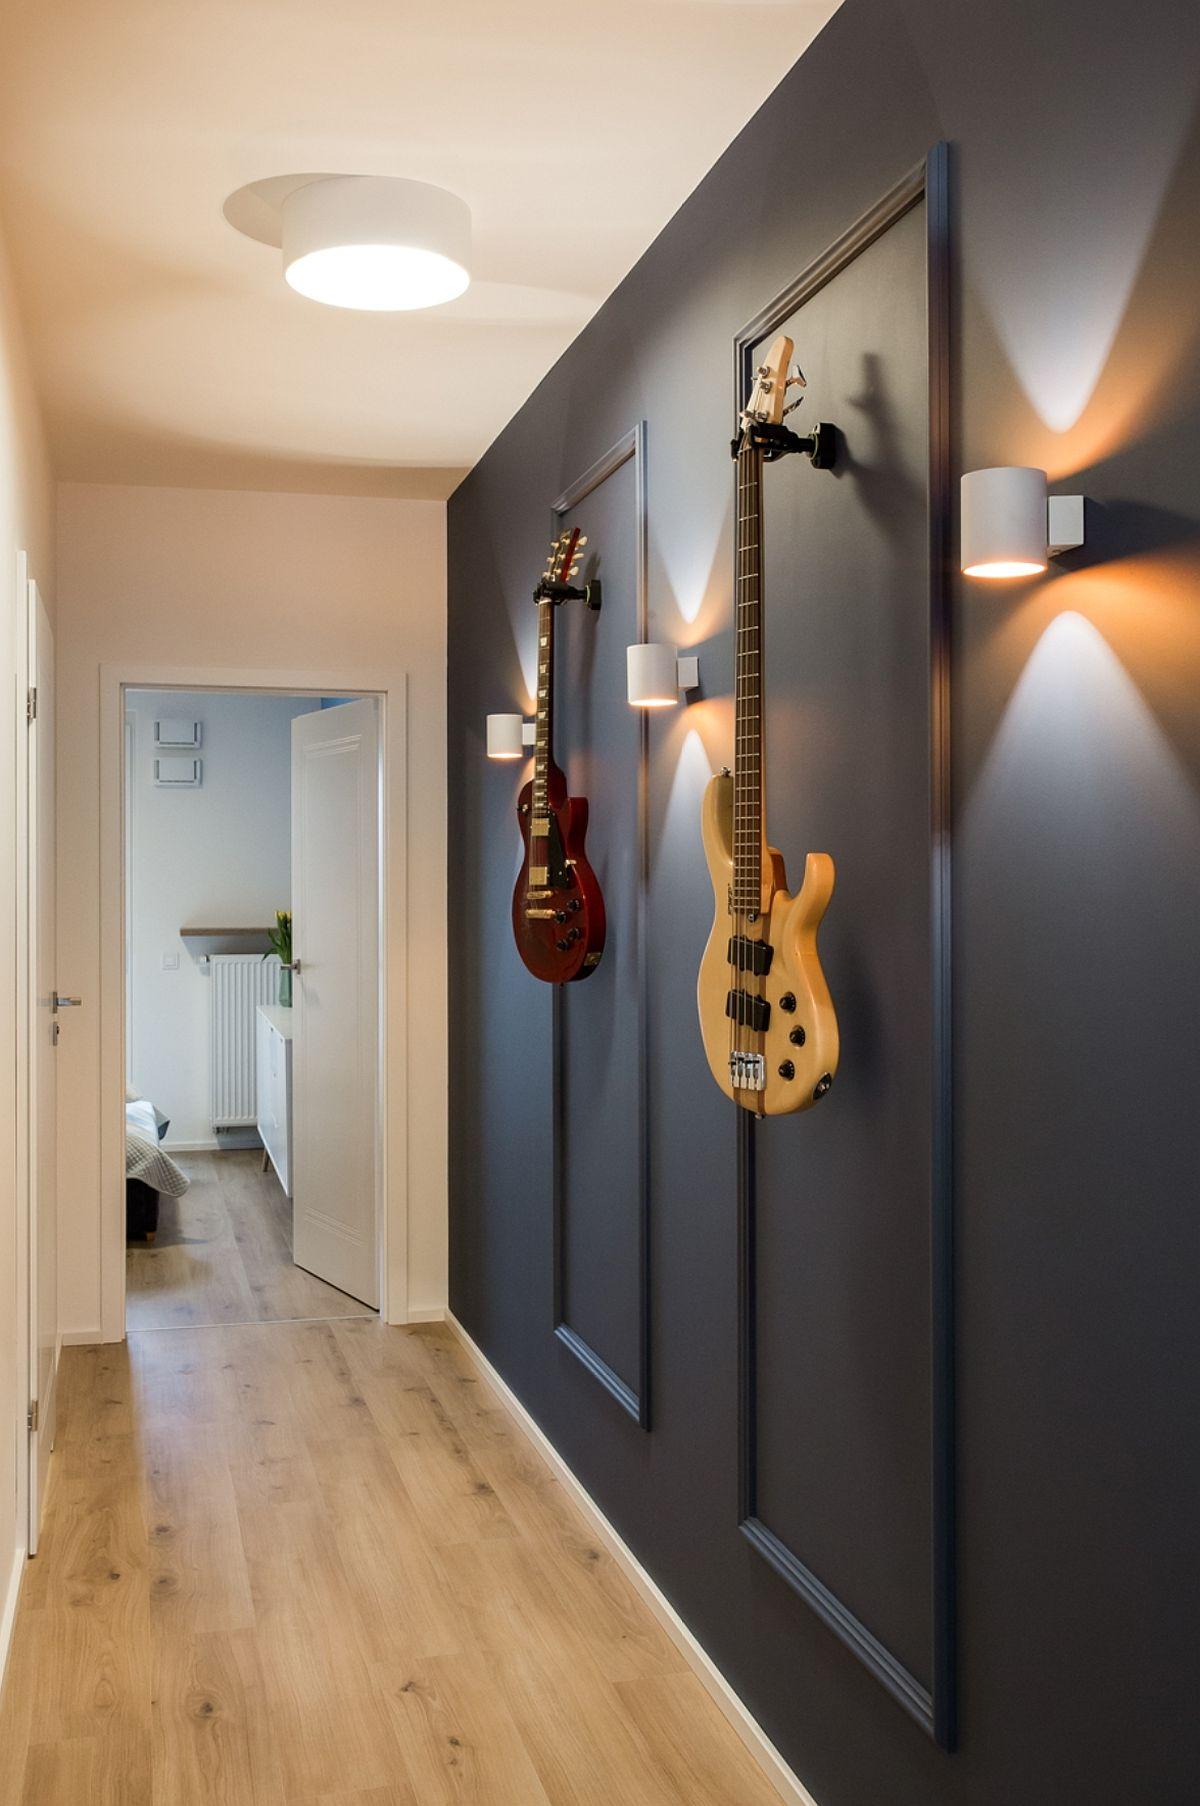 Către dormitoare peretele a fost tratat decorativ, cu baghete de polisitiren vopsite în aceeași nuanță, care să formeze rame discrete pentru două chitări. Iluminatul cu aplice este și funcțional, dar și decorativ.